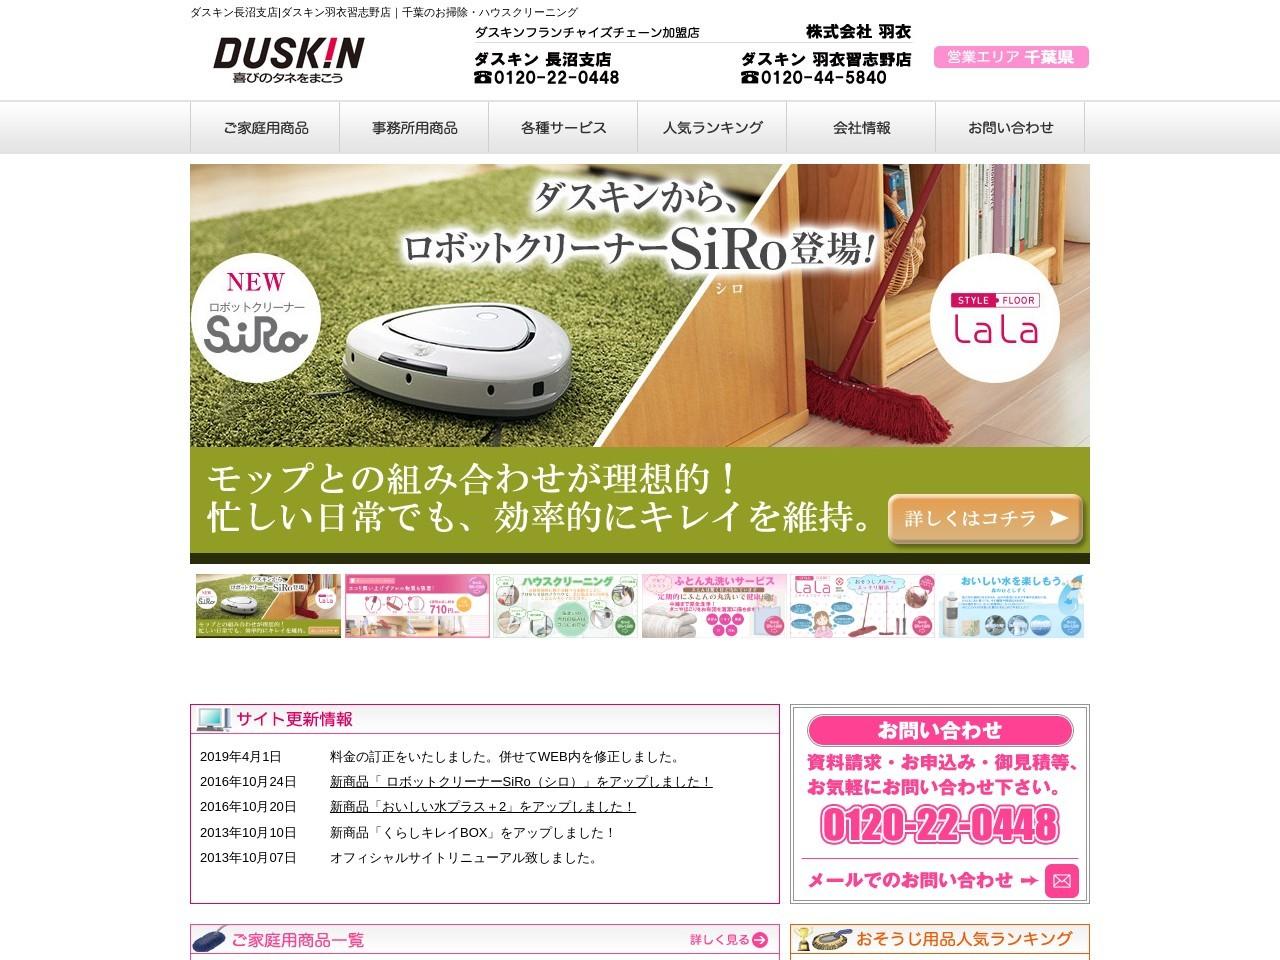 ダスキン長沼支店・ダスキン羽衣習志野店|千葉のお掃除・ハウスクリーニング